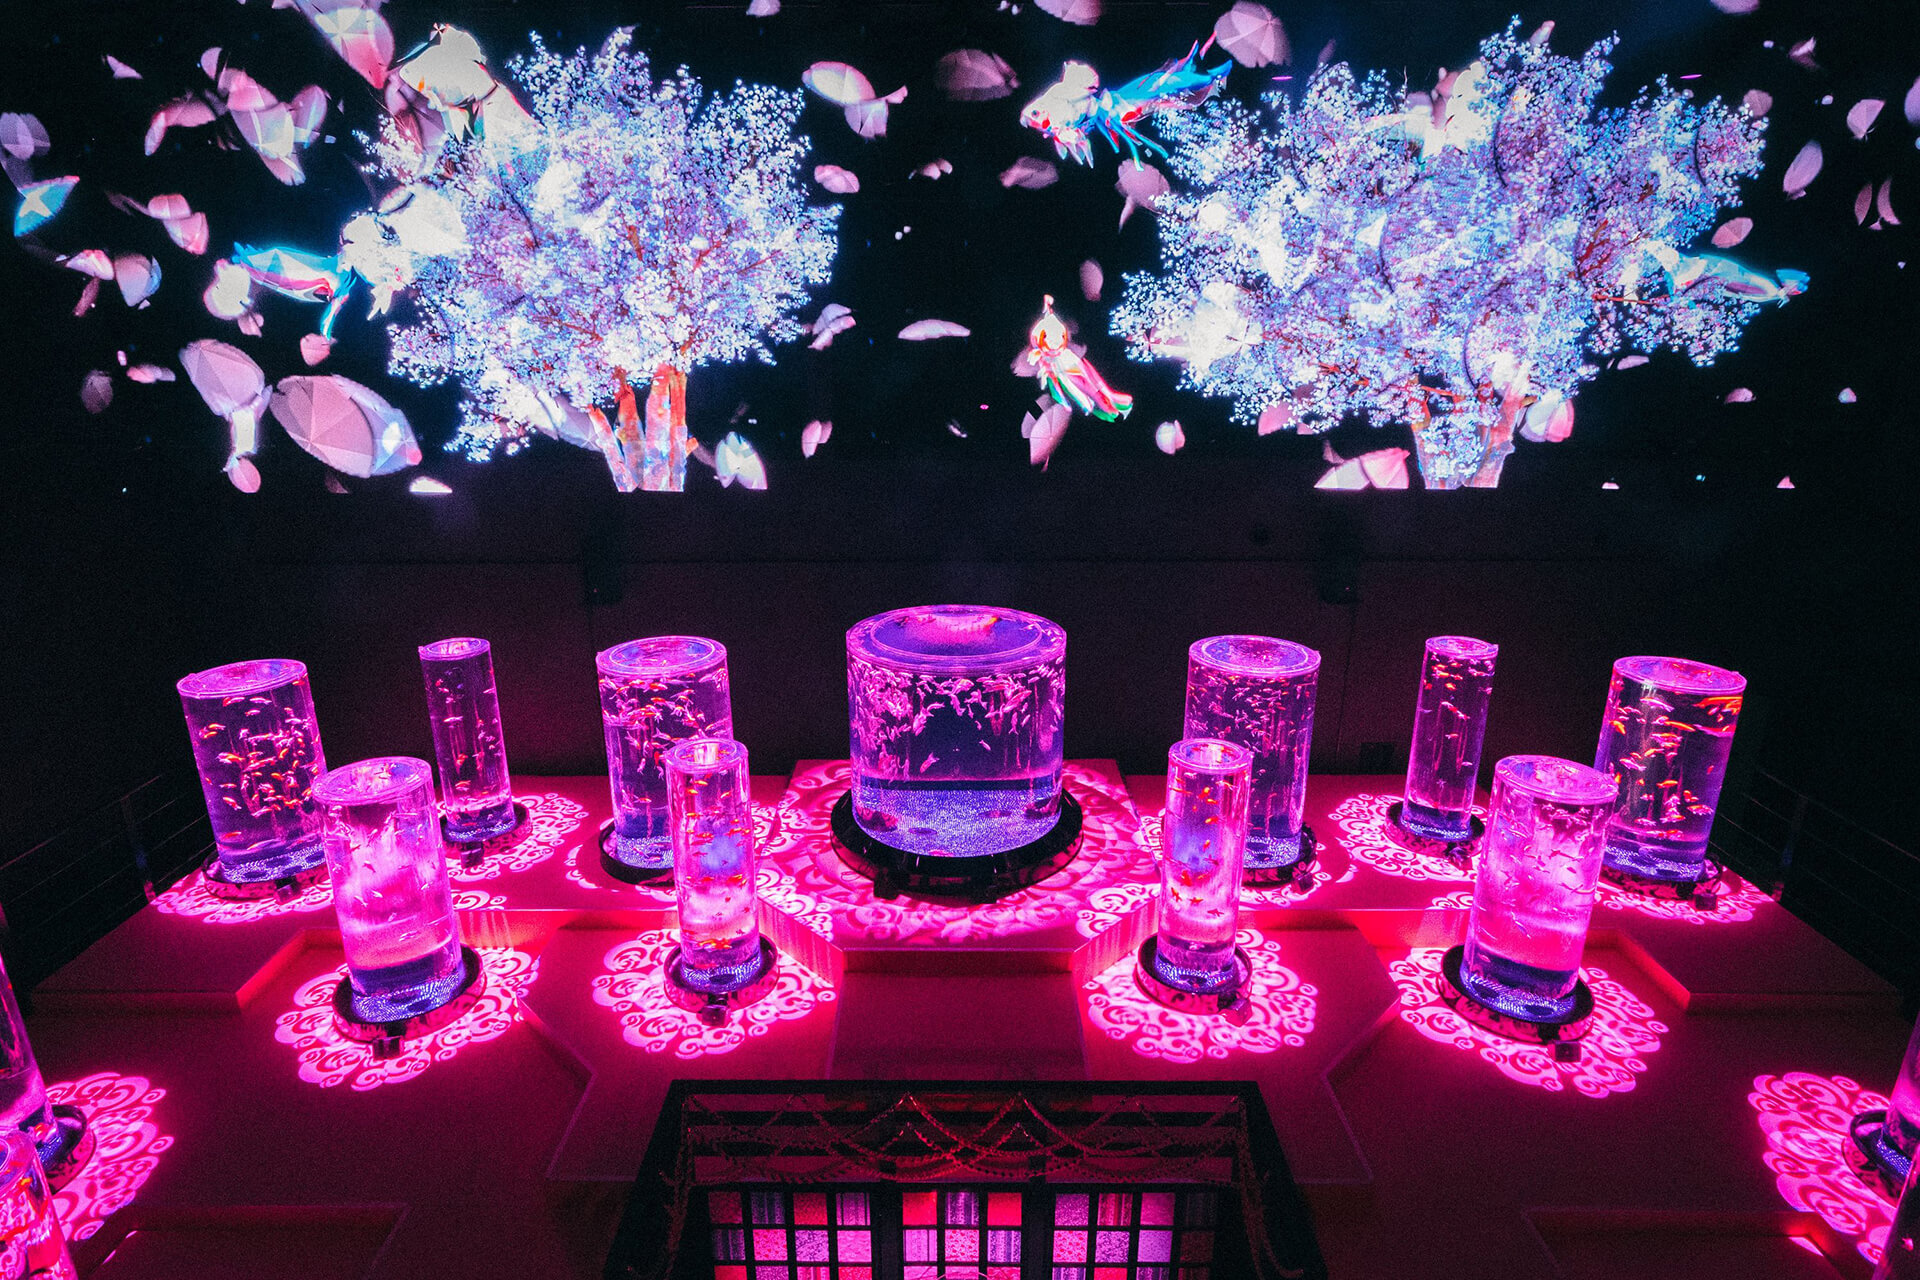 アートアクアリウム美術館「桜金魚 舞い泳ぐ」